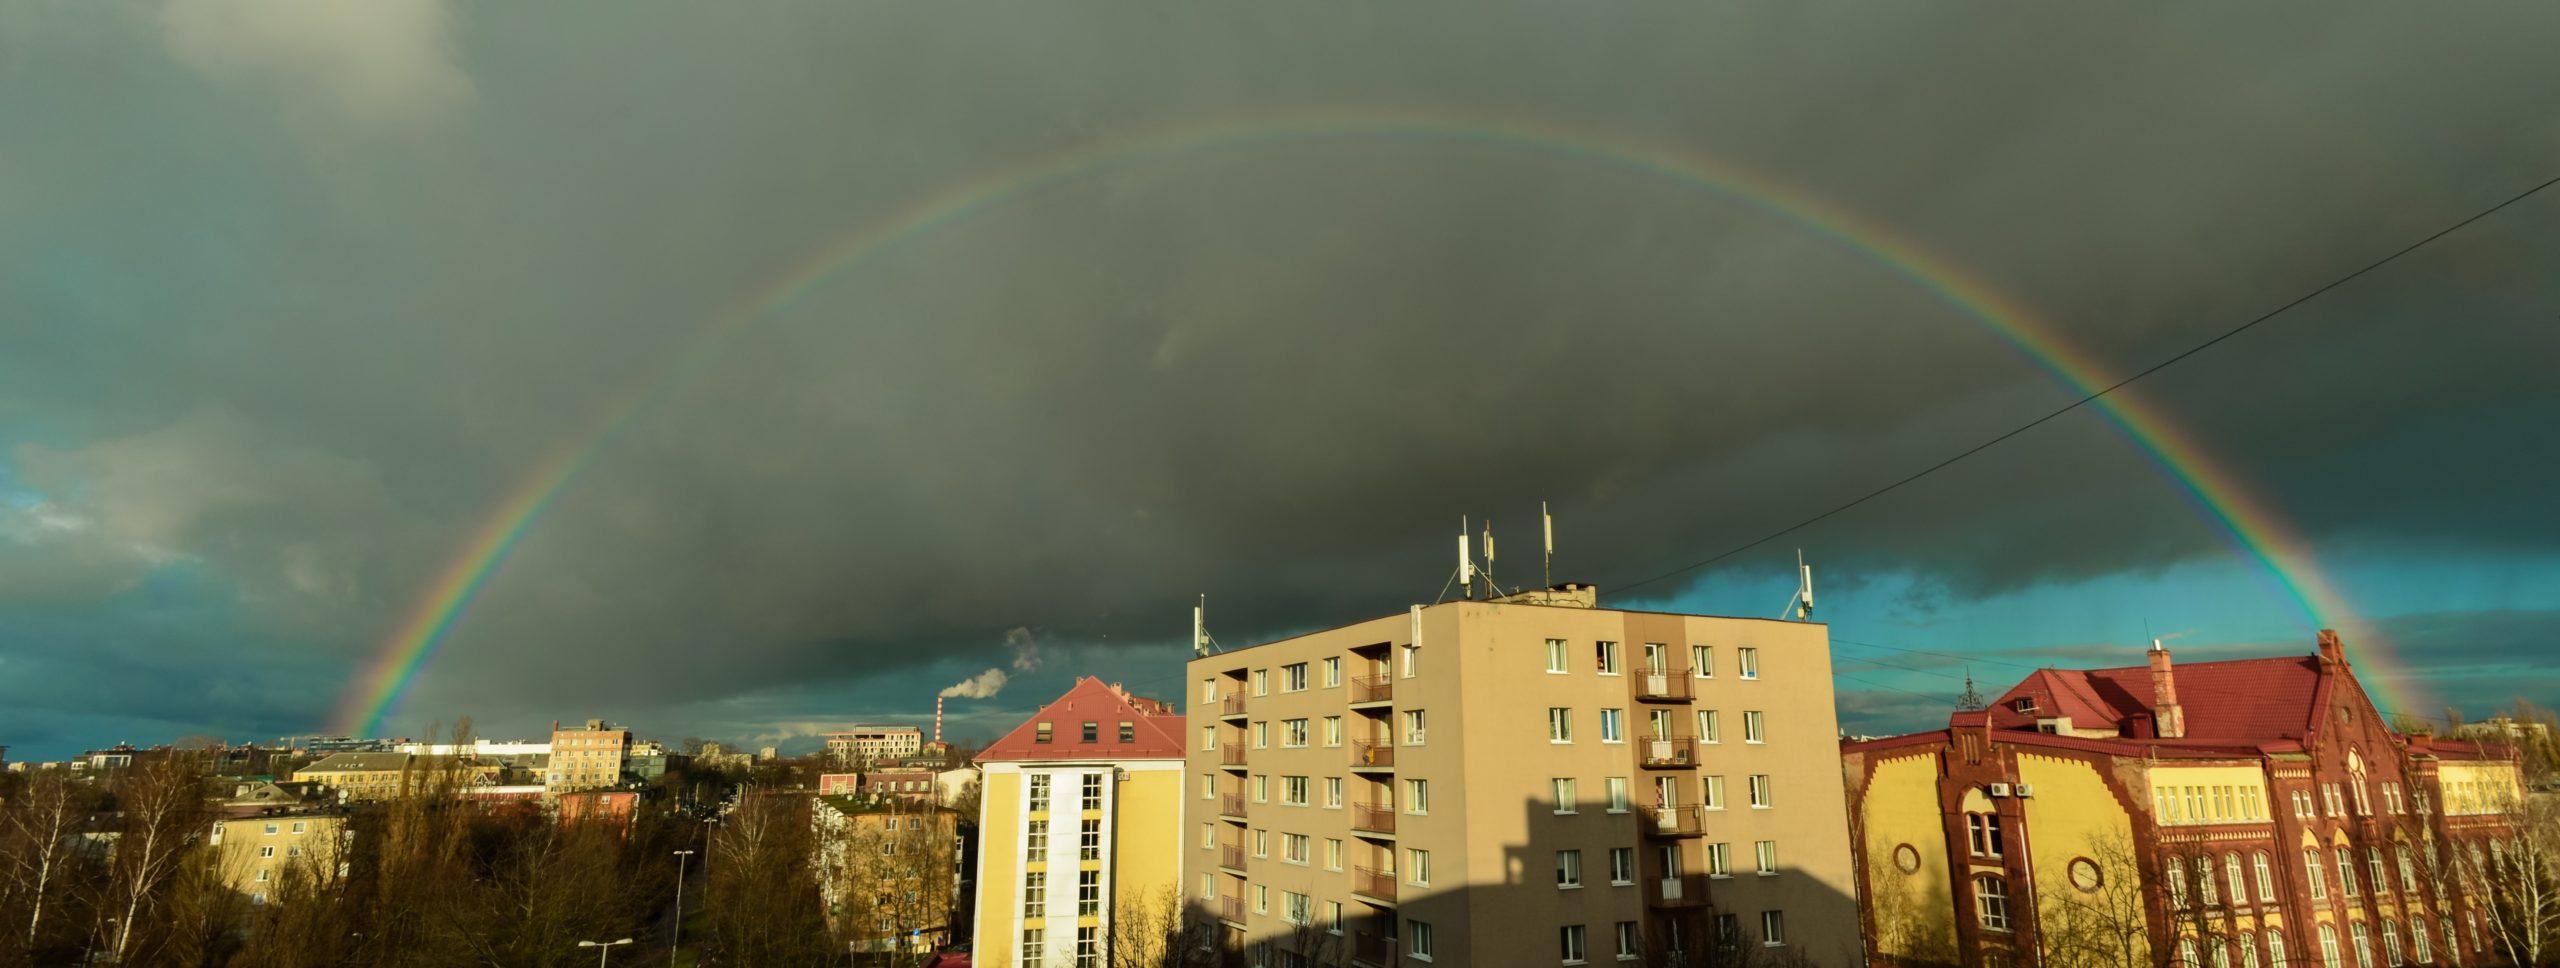 Радуга над Калининградом, 25.12.2019 г.